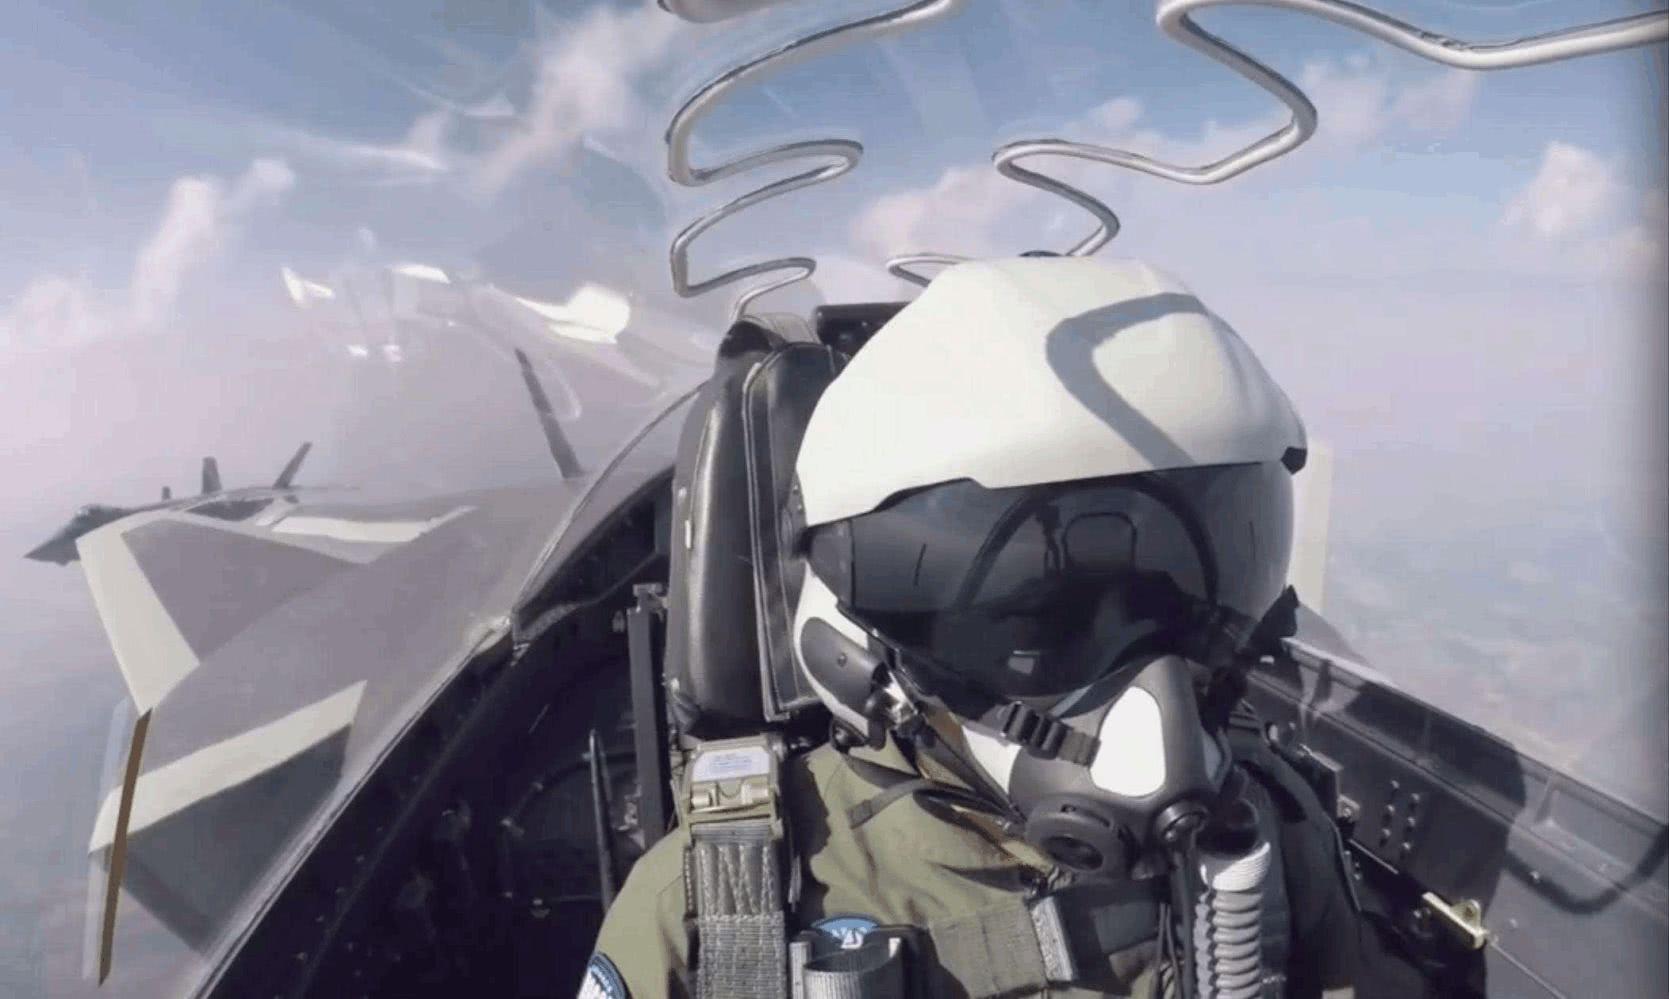 中国空军最新轻量化头盔亮相:女飞带着都很小巧,摆脱俄式风格